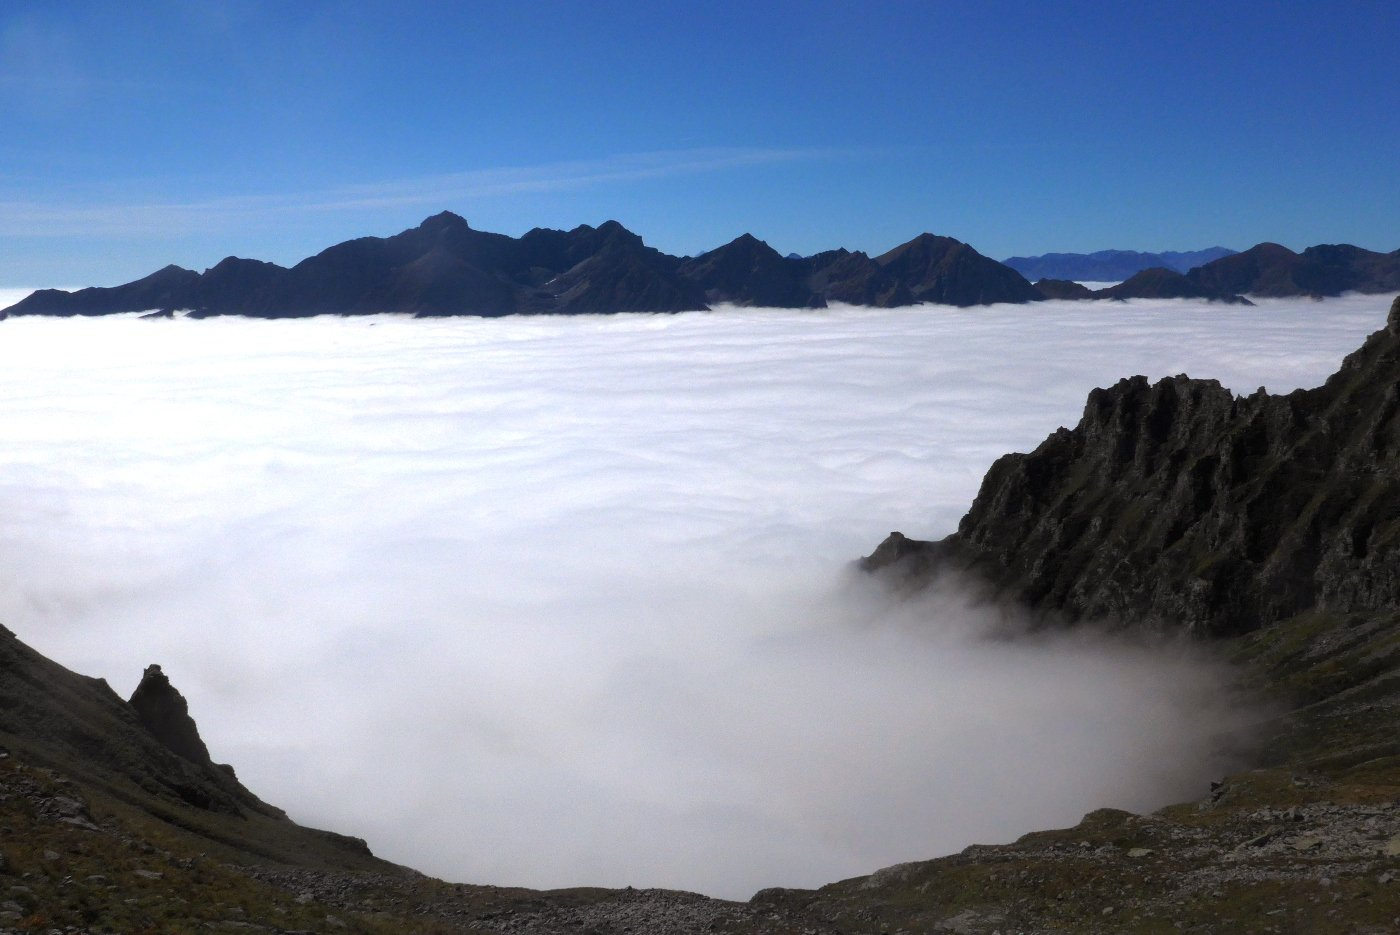 Sopra il mare di nuvole, la Lunella